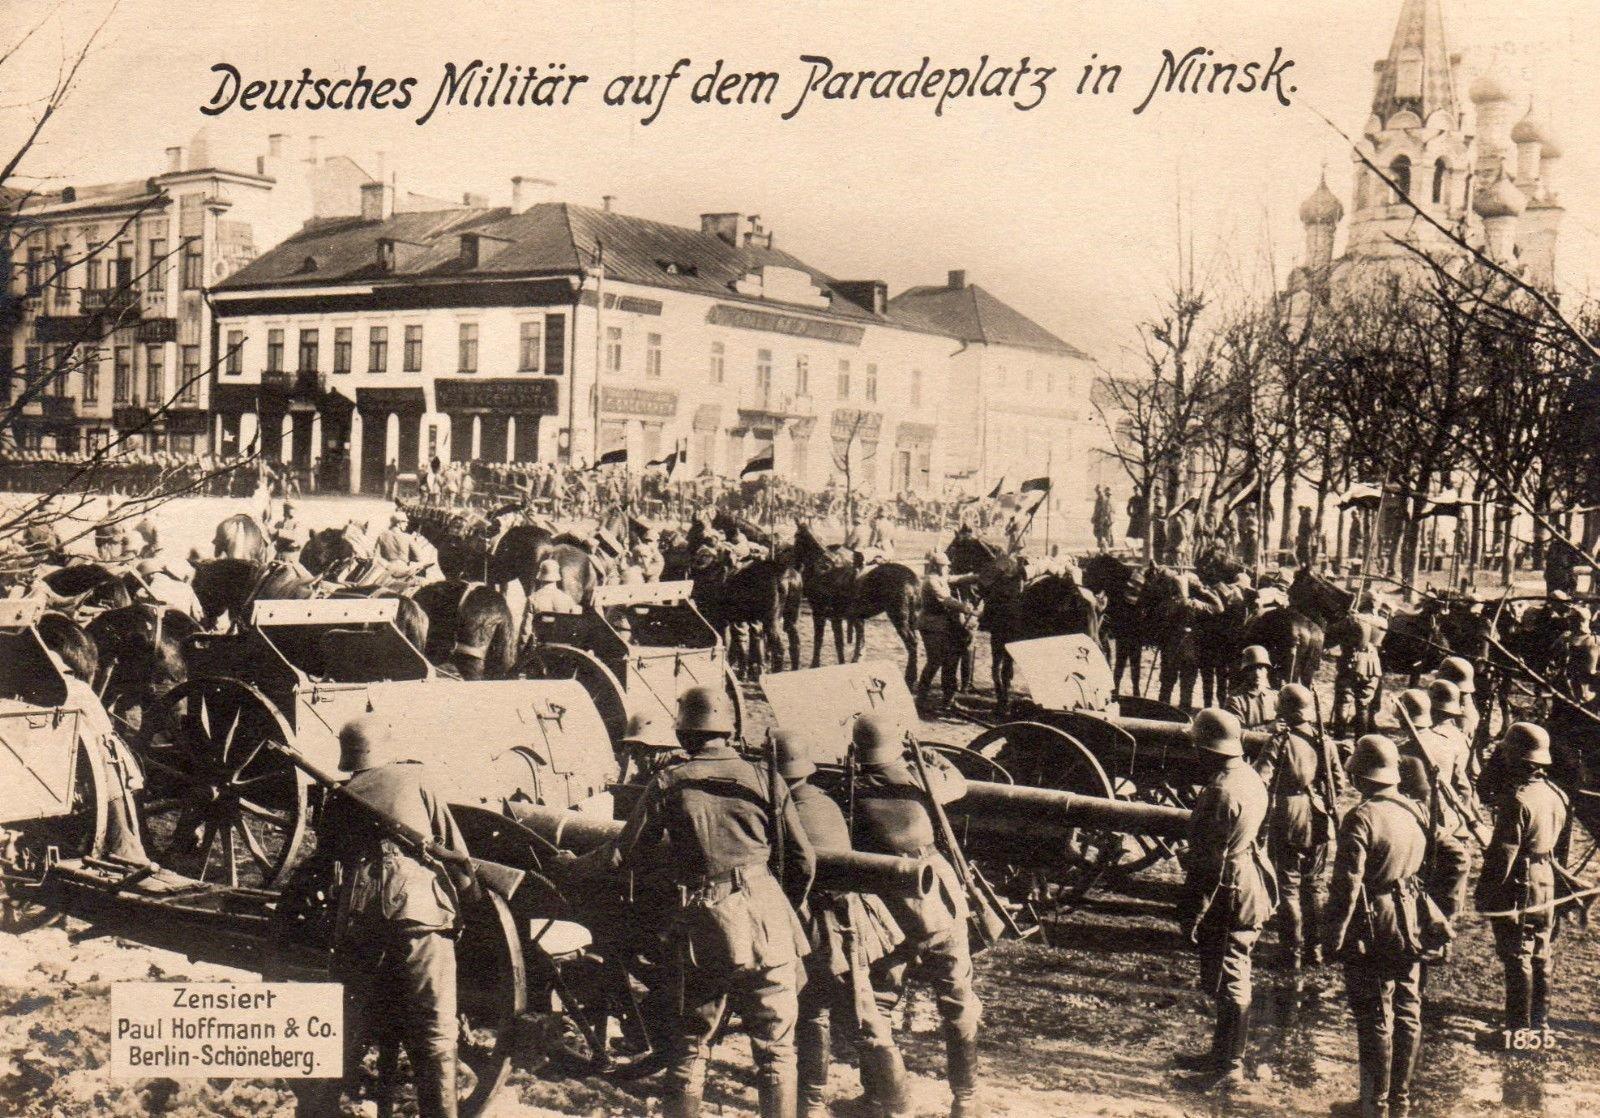 Парад немецкой армии в Минске, 1918 год.